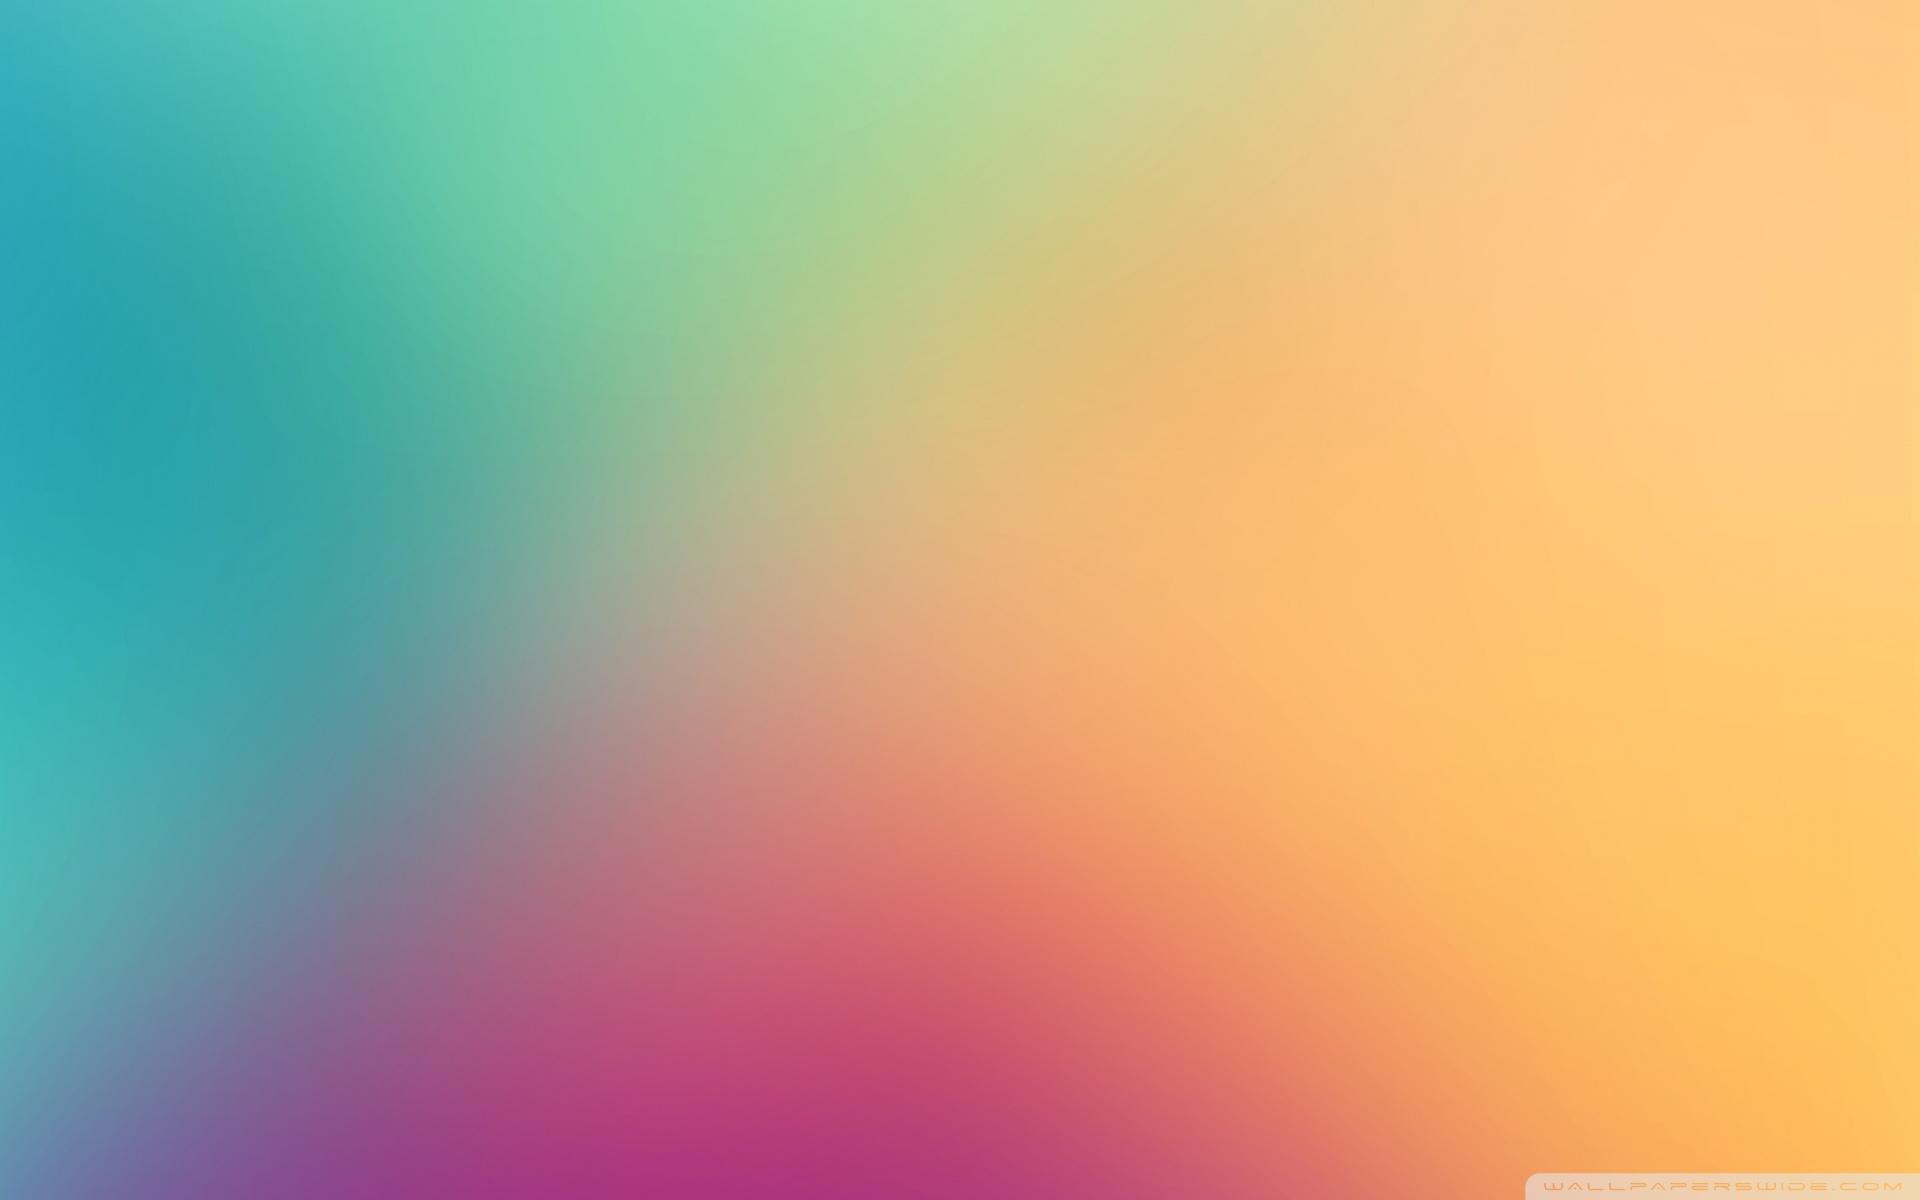 Computer Lock Screen Wallpapers Girls Hd Gradient Backgrounds Pixelstalk Net